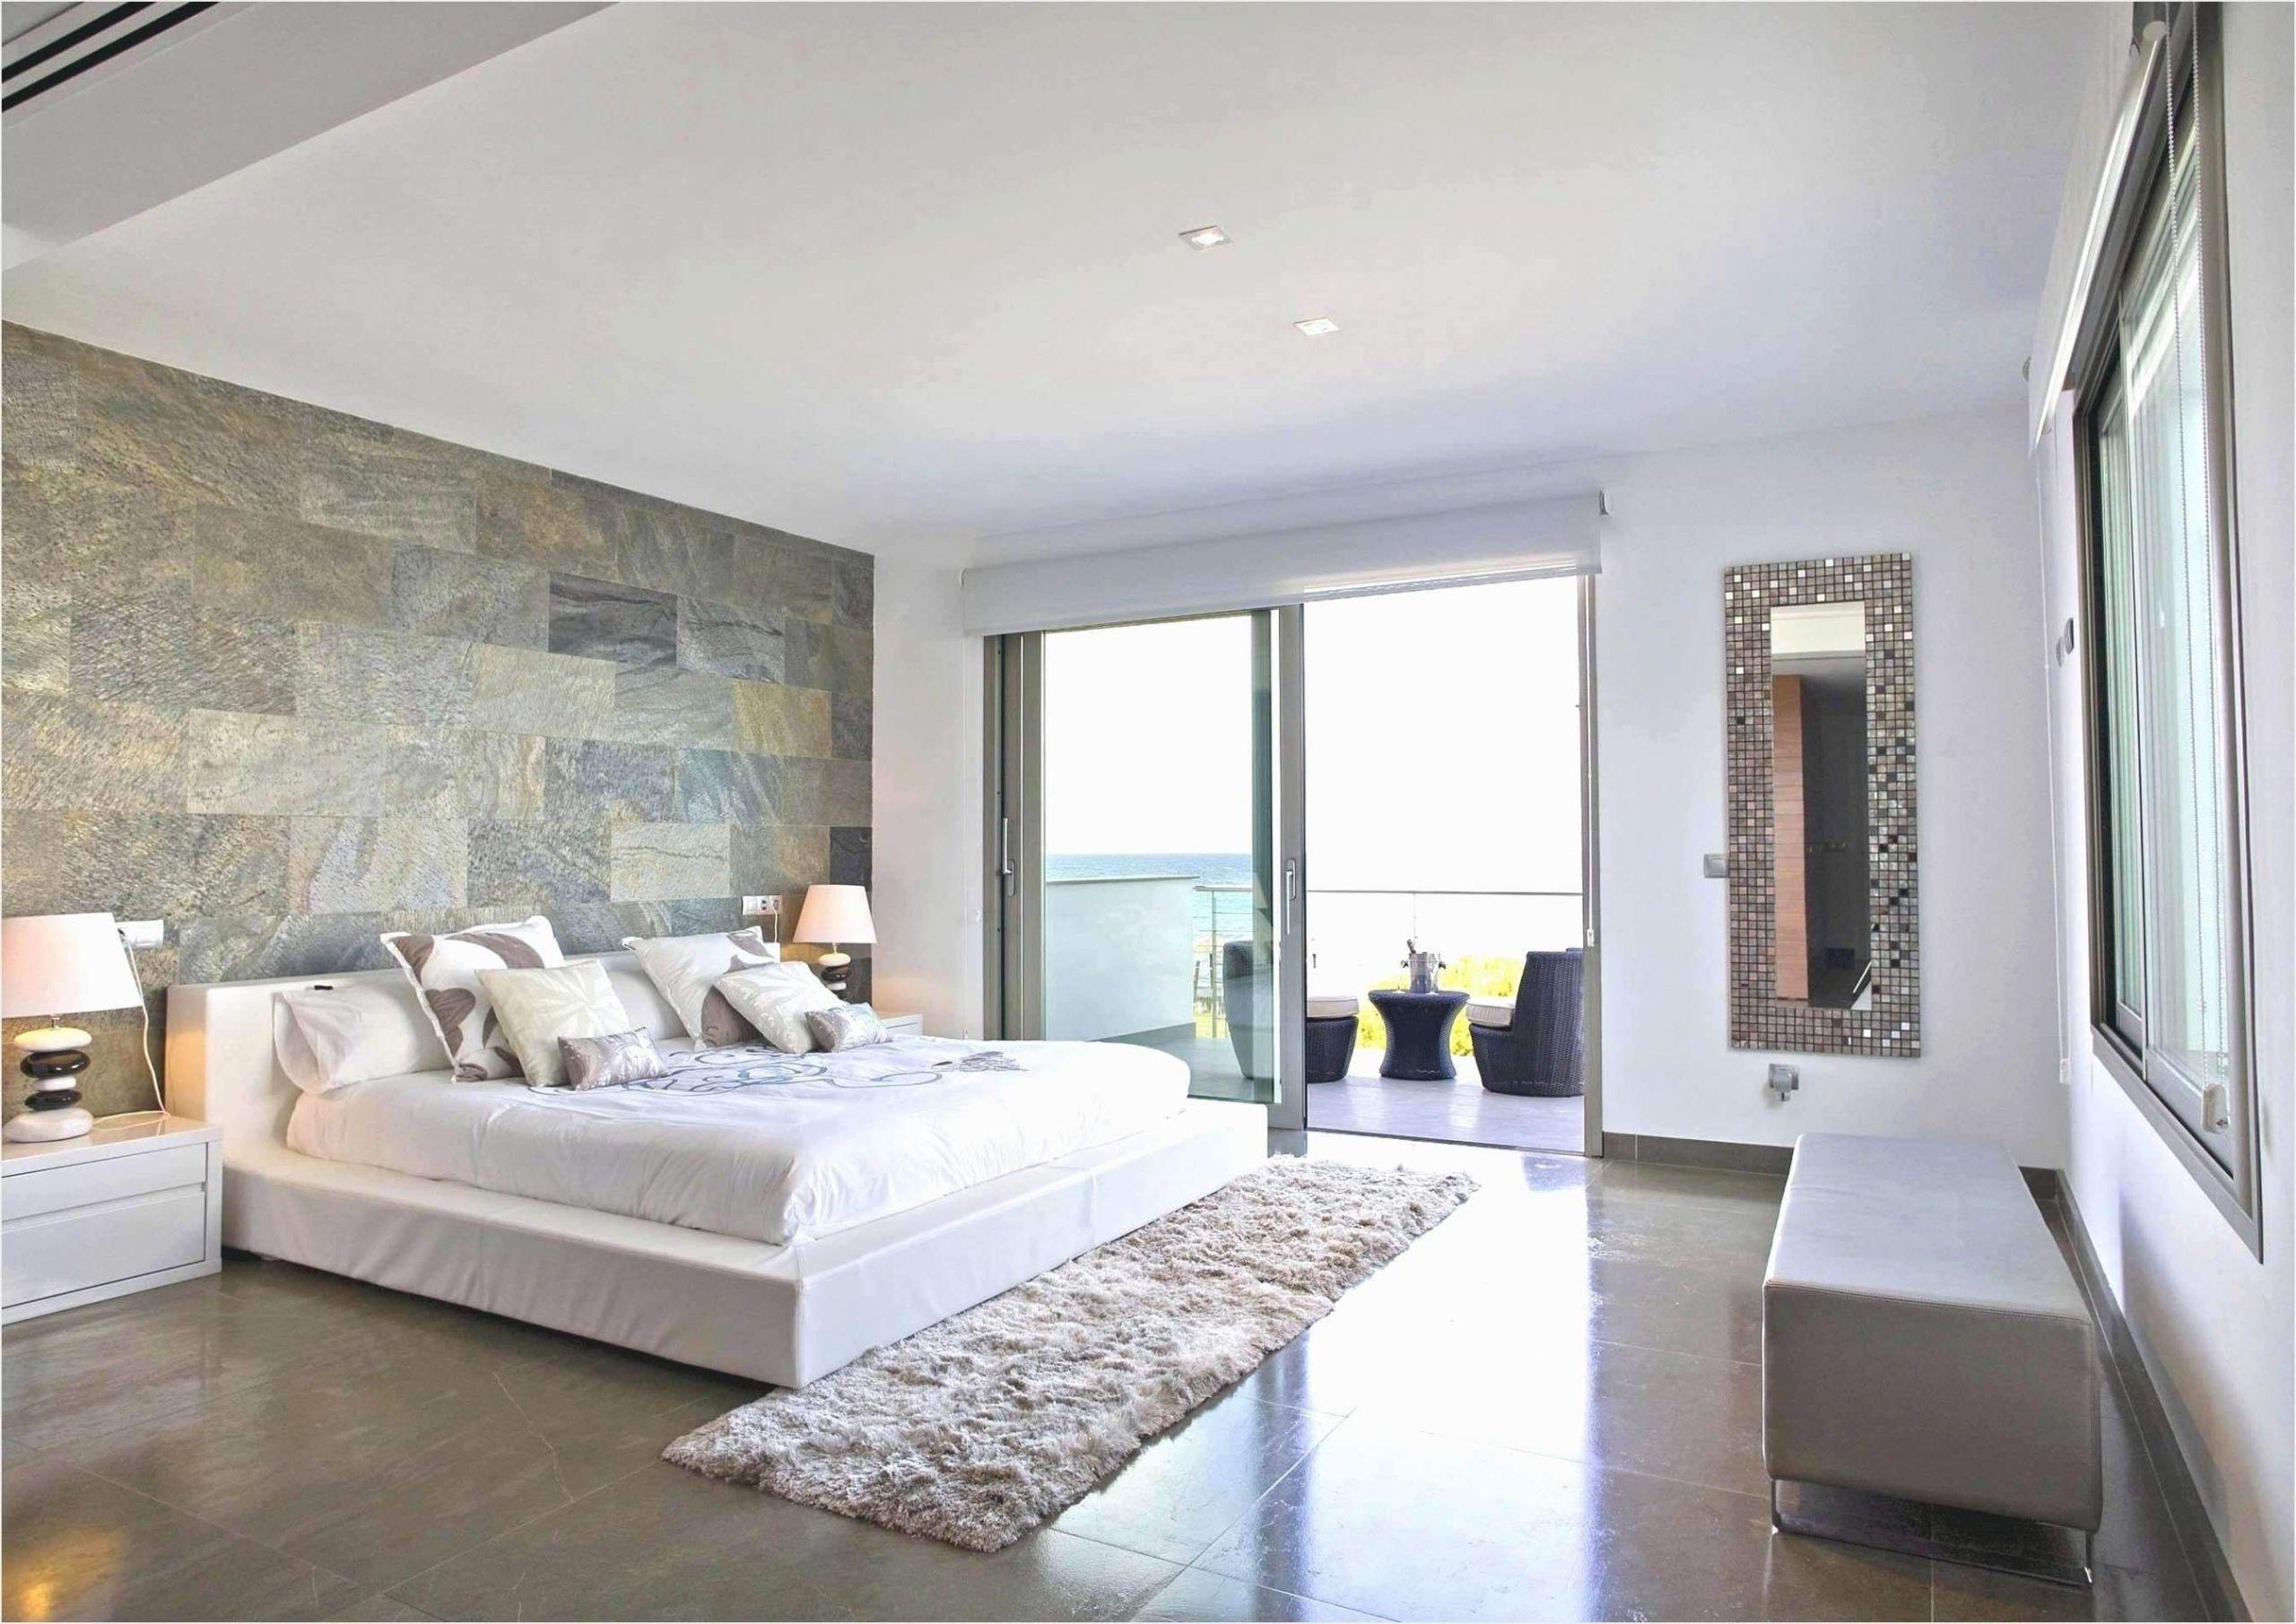 wohnzimmer kamin frisch kamin wohnzimmer design der sjahrige trend of wohnzimmer kamin